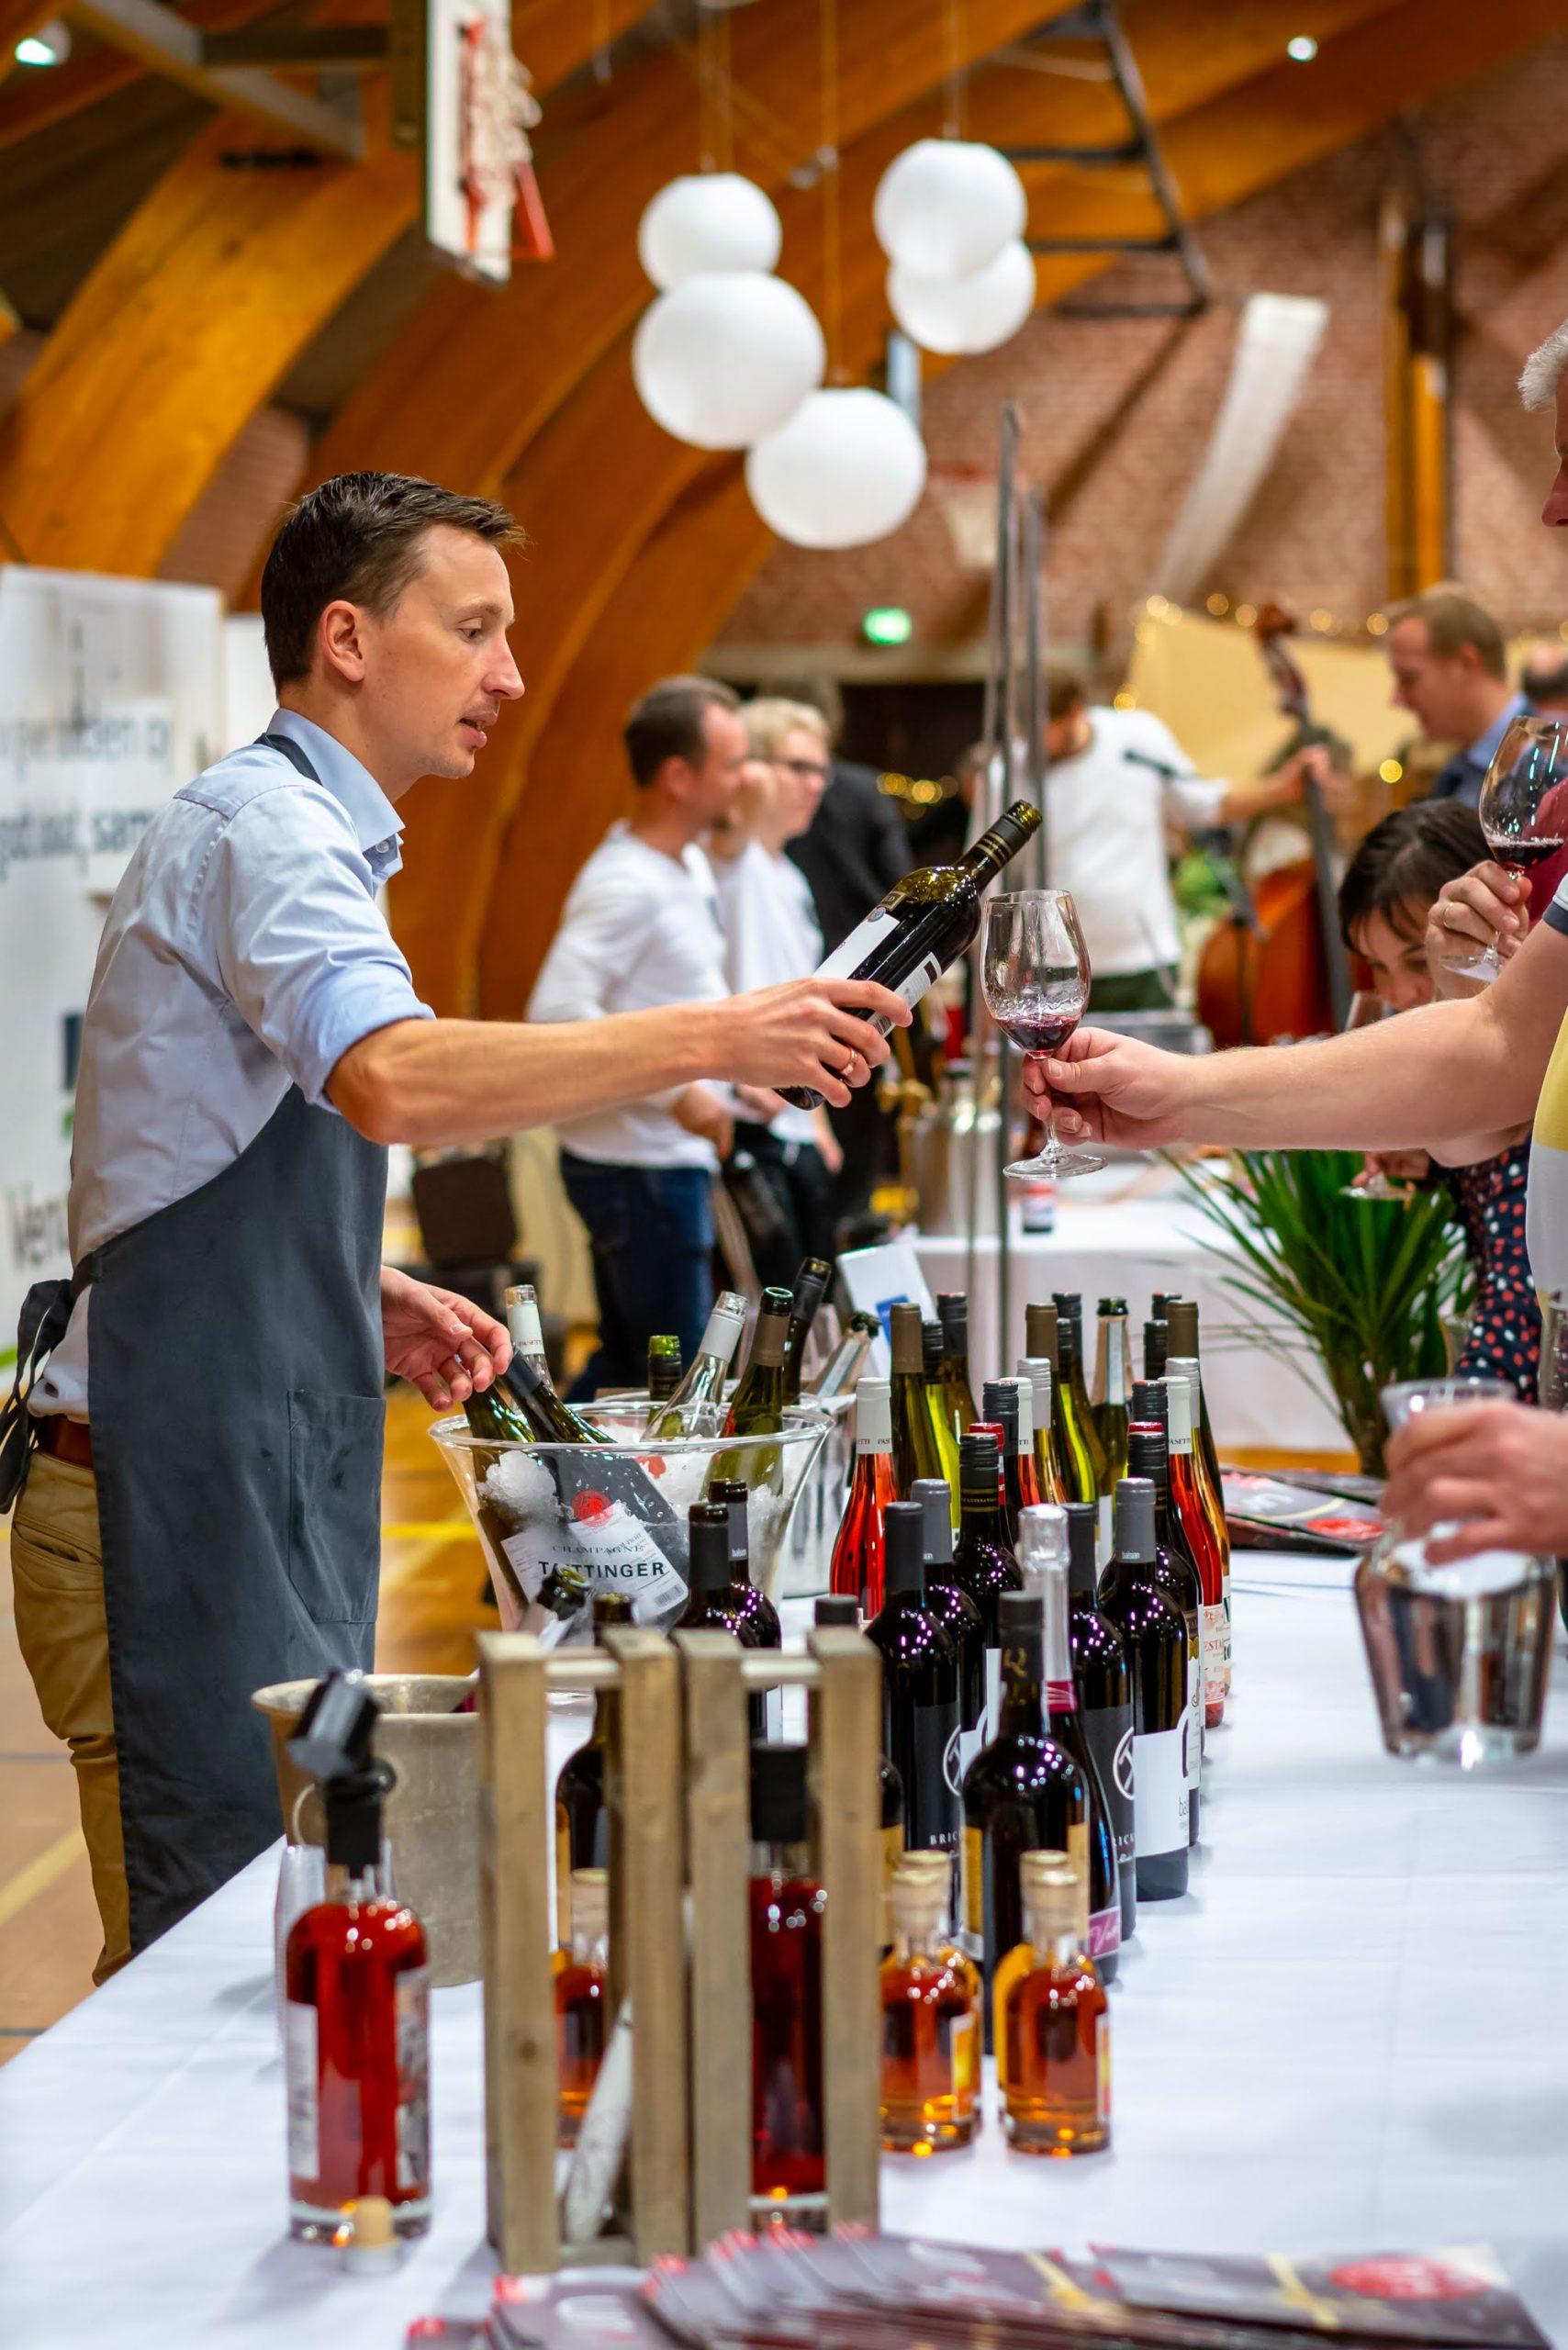 Vinsmagning og delikatesser: Kom til kæmpe Vinfestival i Aalborg